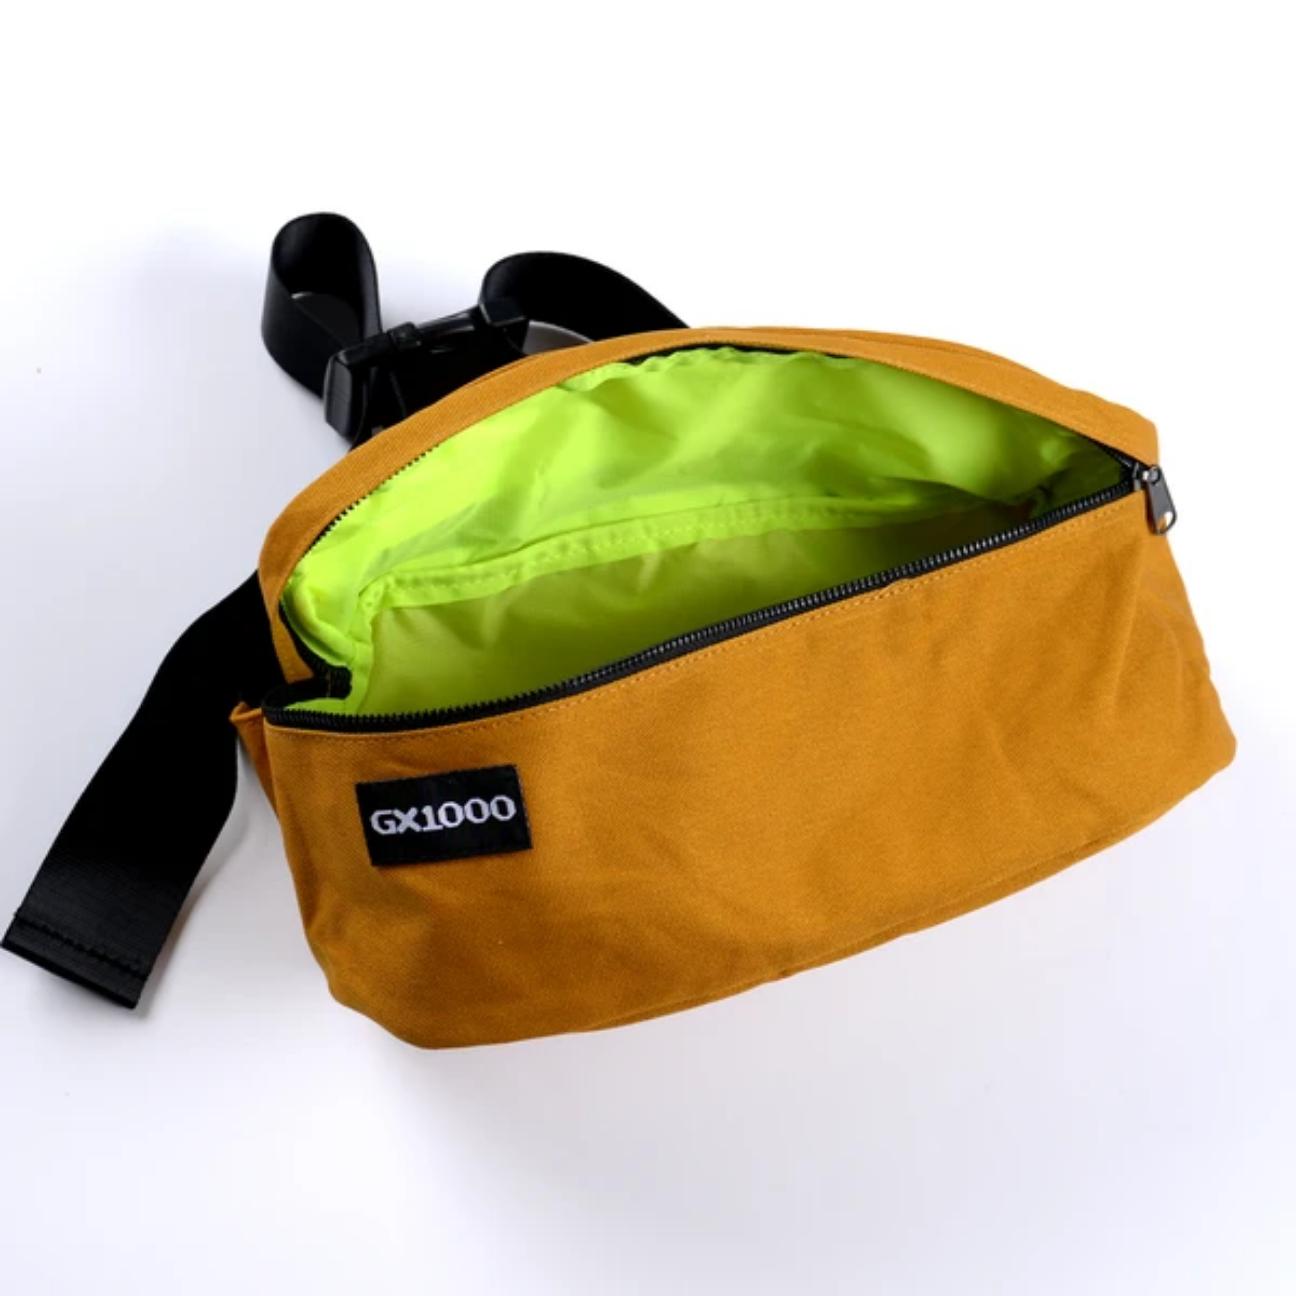 GX1000 Shoulder Gold Bag